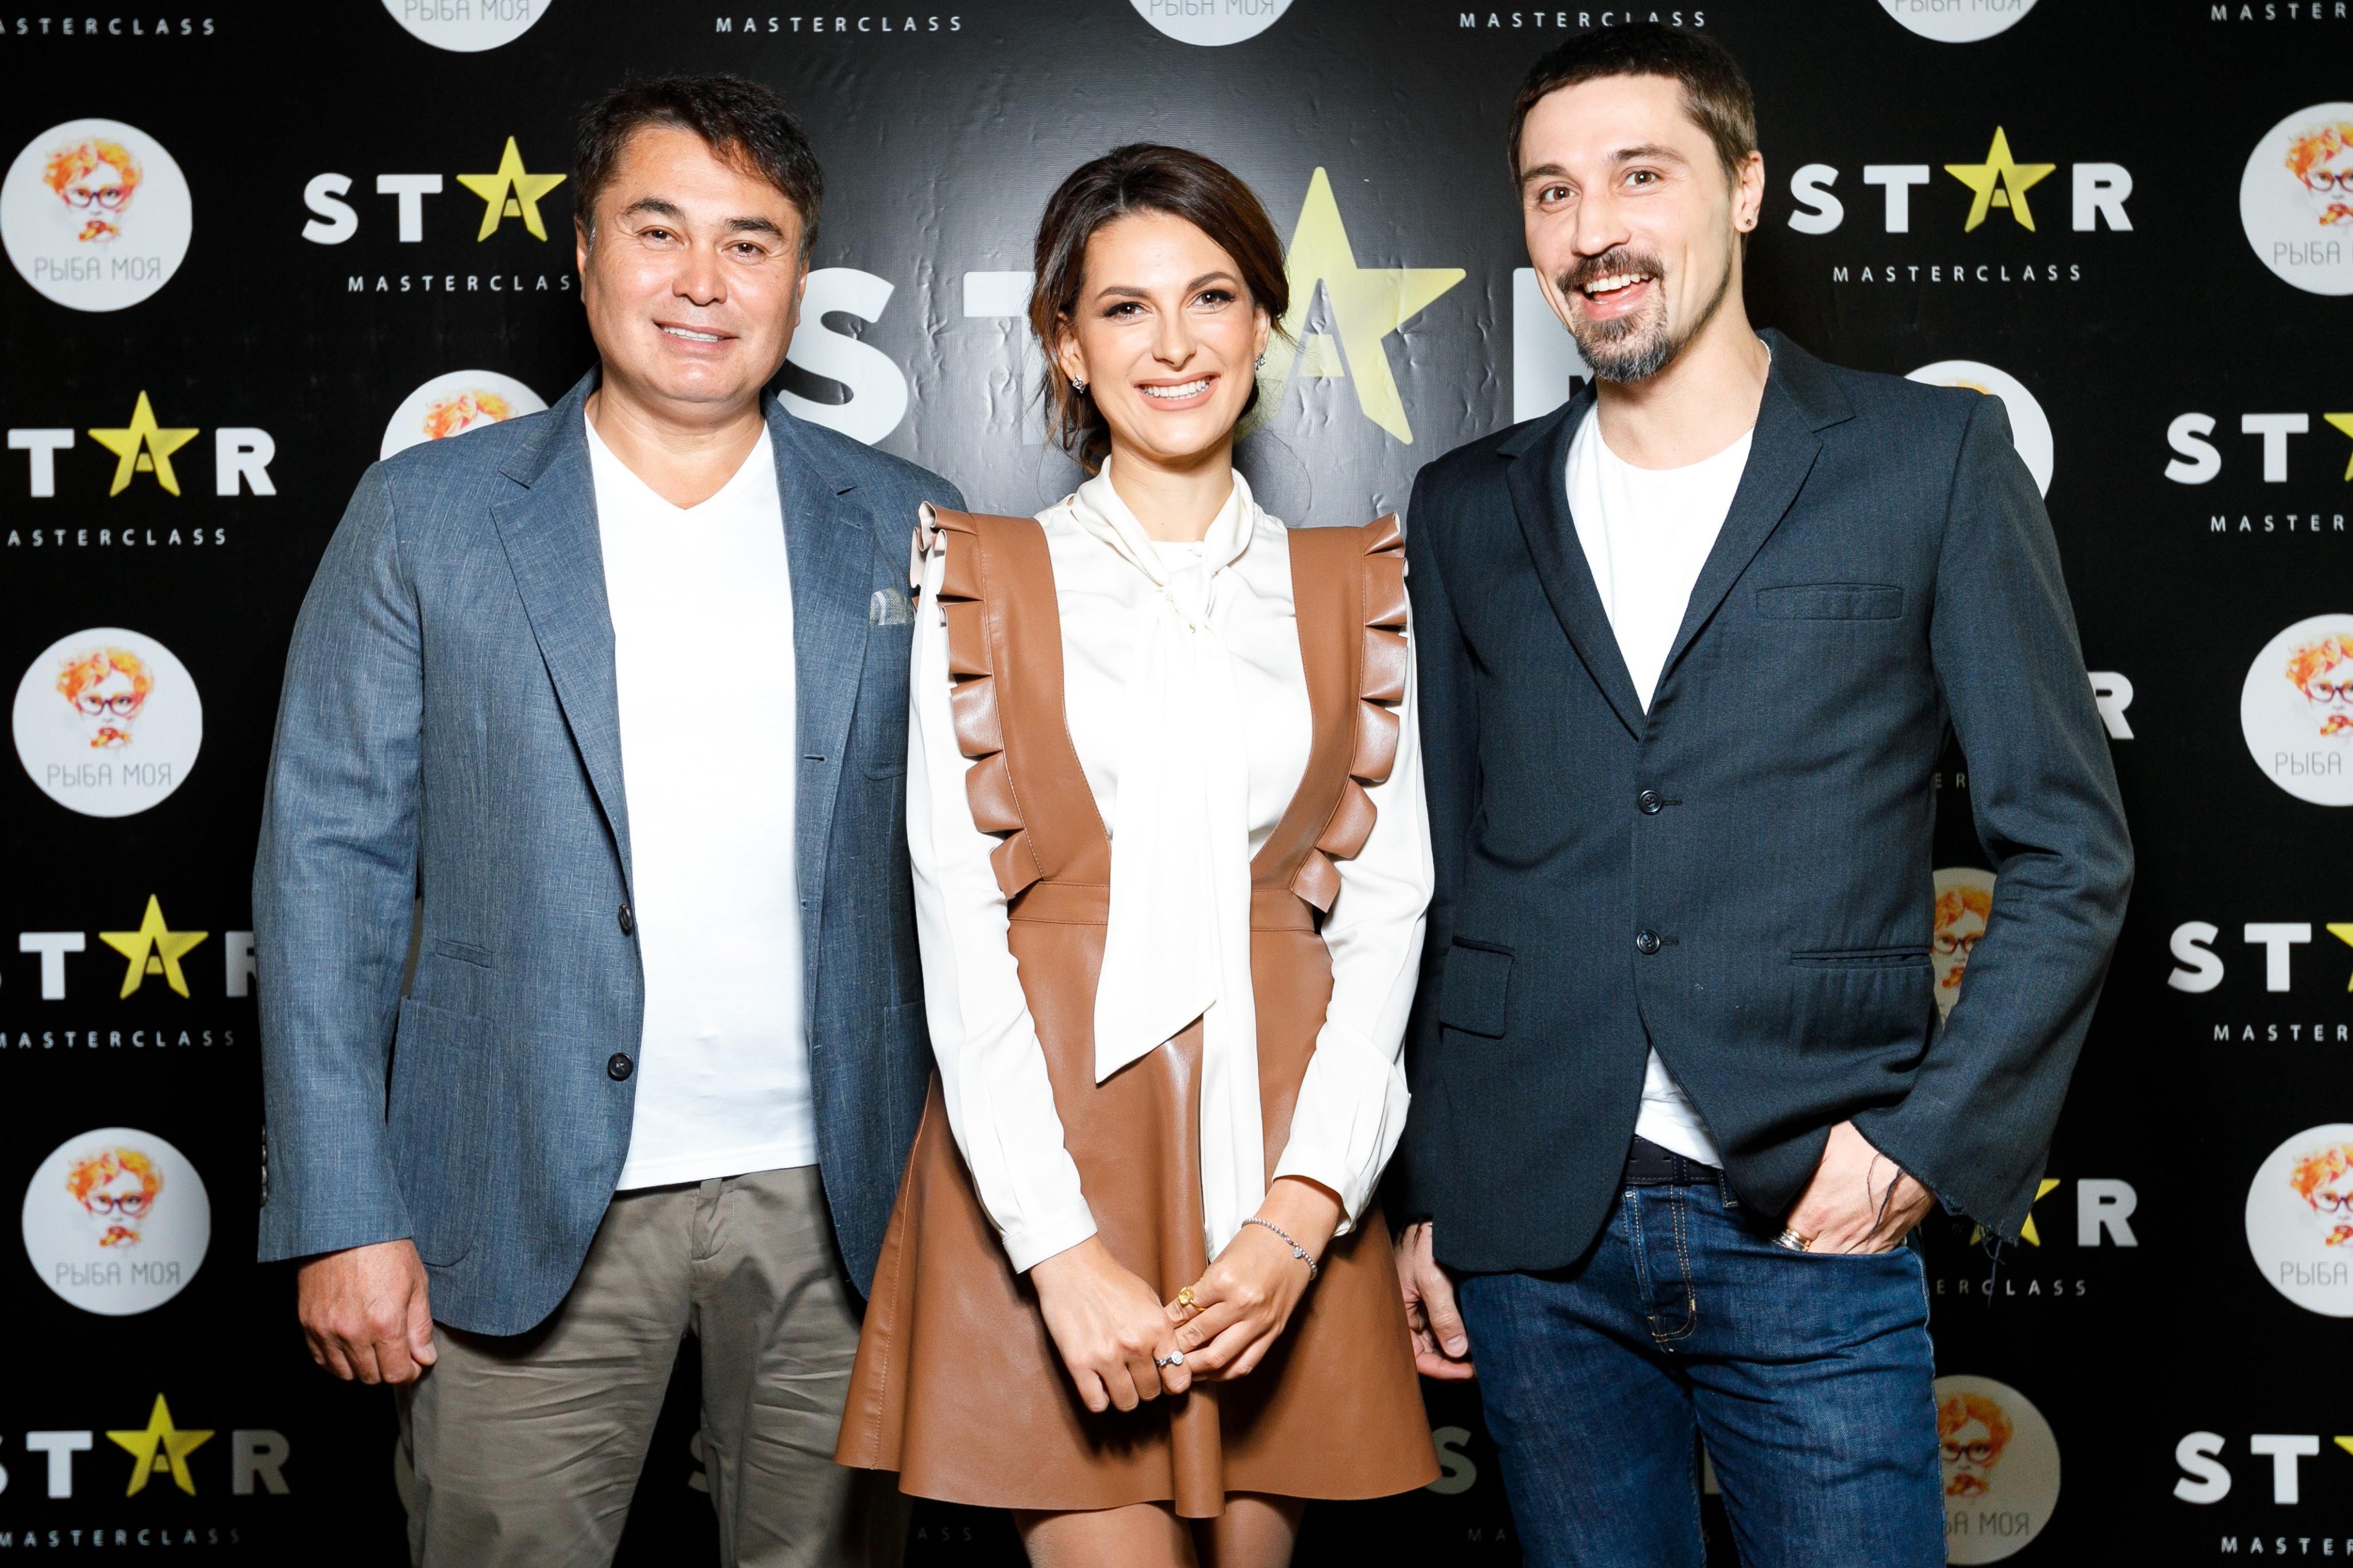 В Москве состоялась презентация звездного проекта StarMasterclass